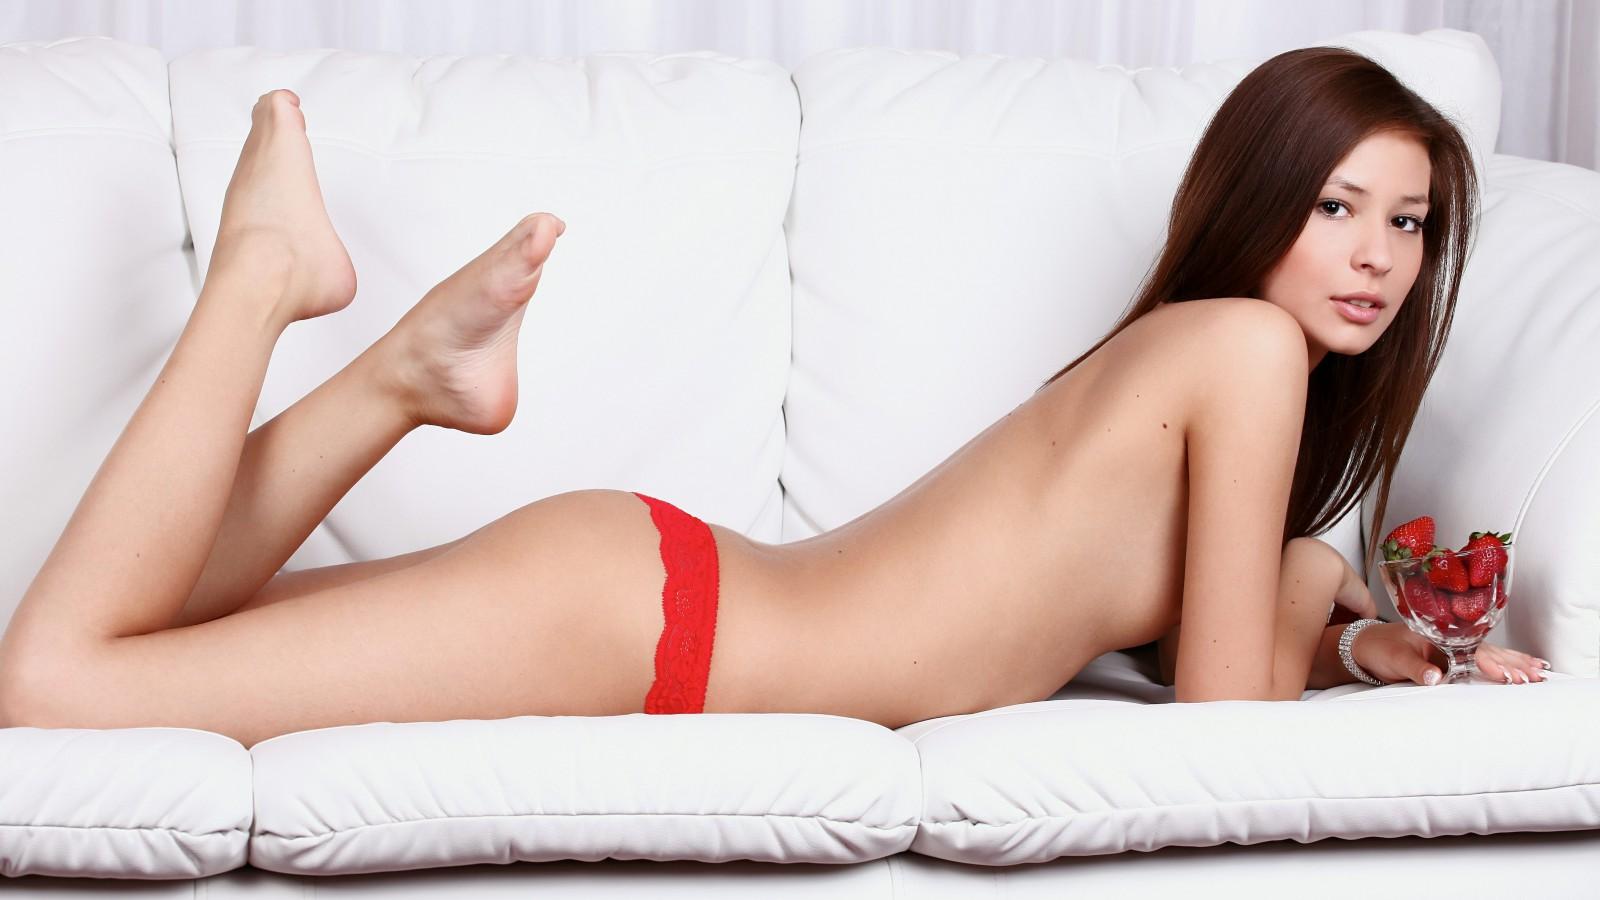 Порнору соревнование по сексу бесплатно